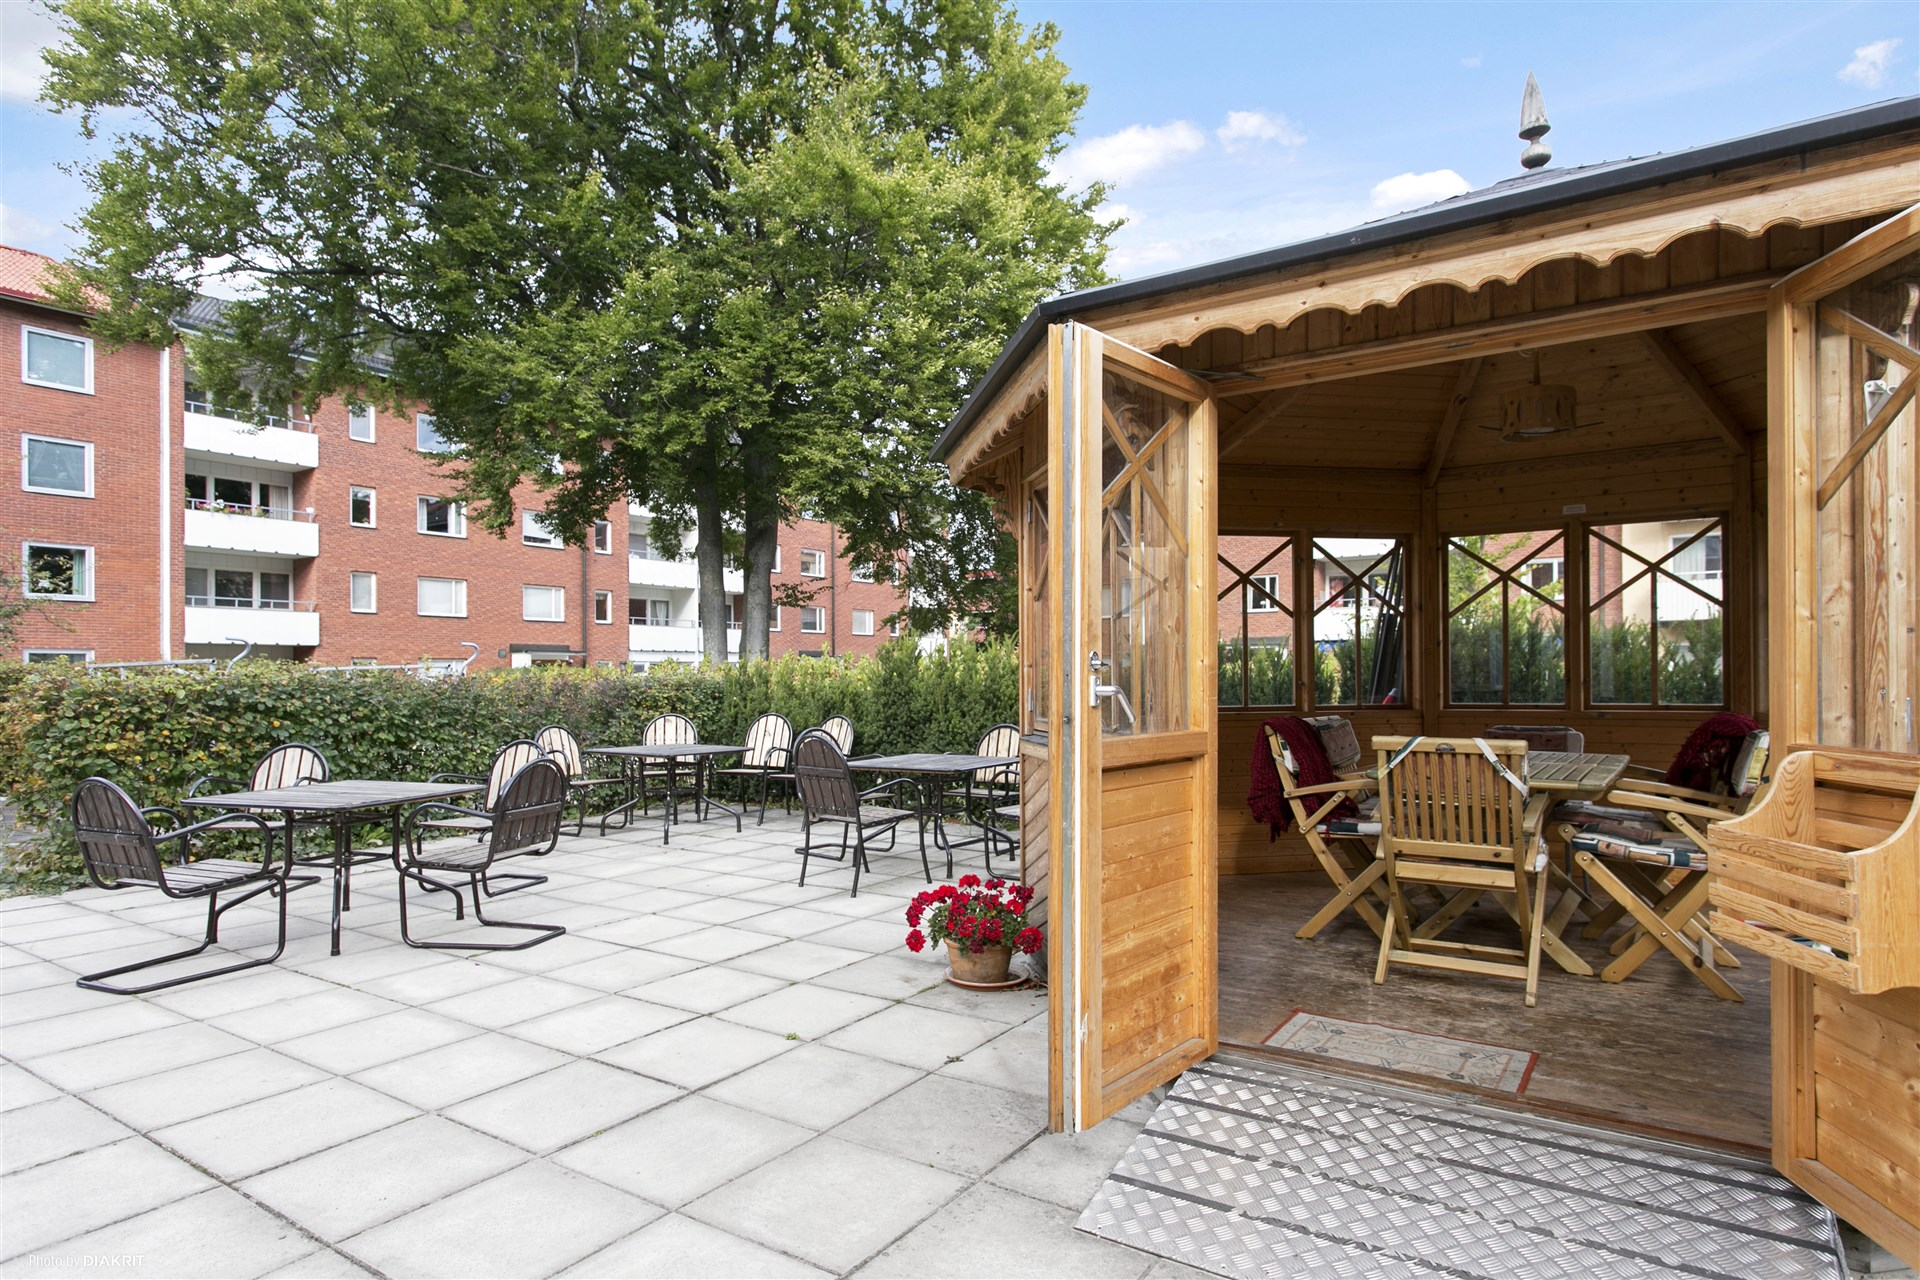 Trevlig innergård med flertalet möbelgrupper samt ett bokningsbart lusthus.